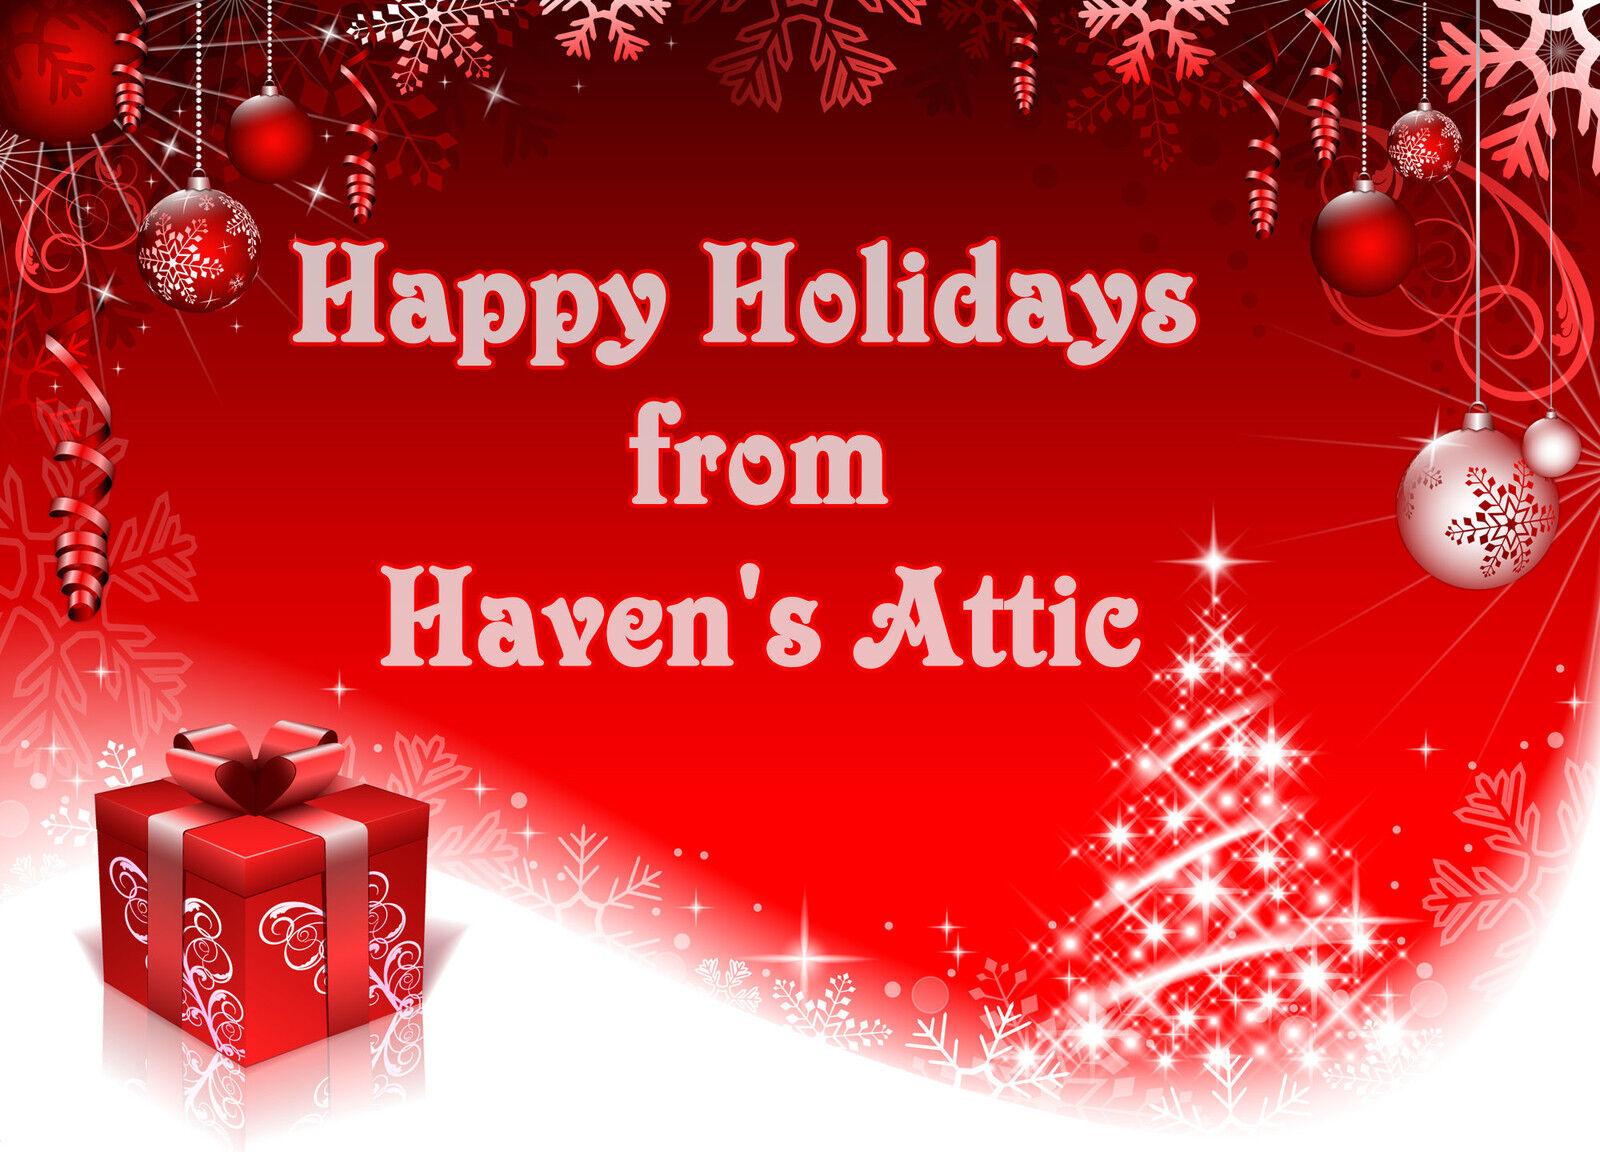 Havens Attic